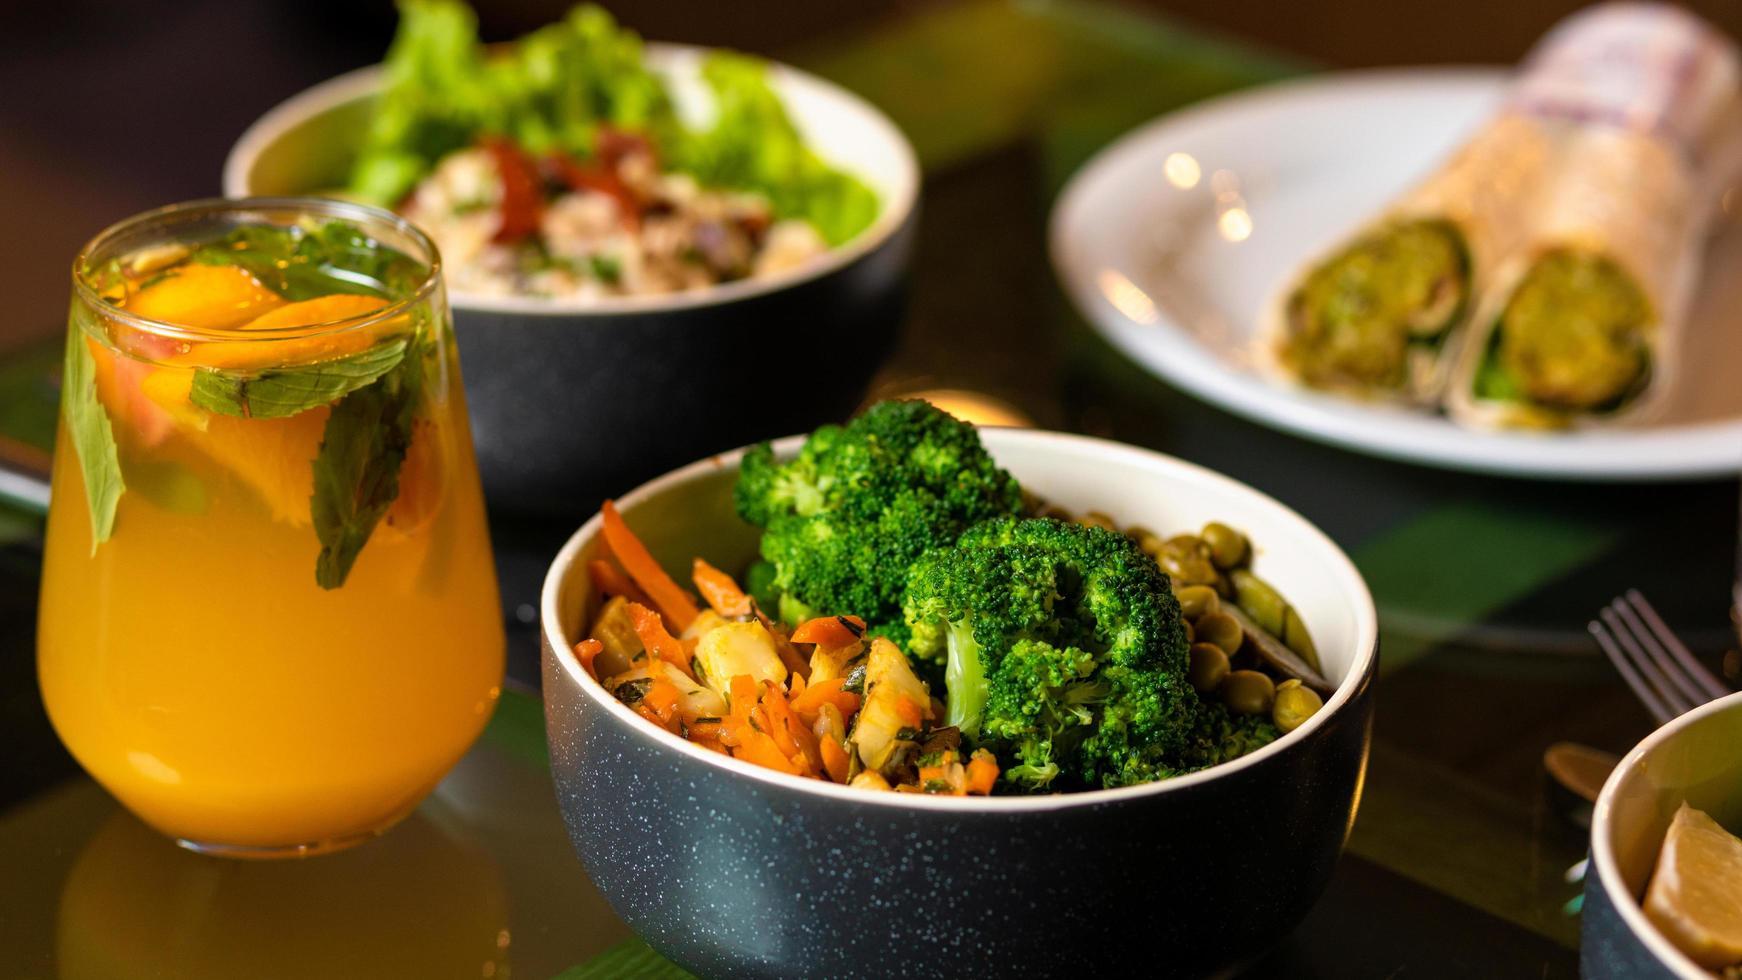 salade végétarienne au jus d'orange photo